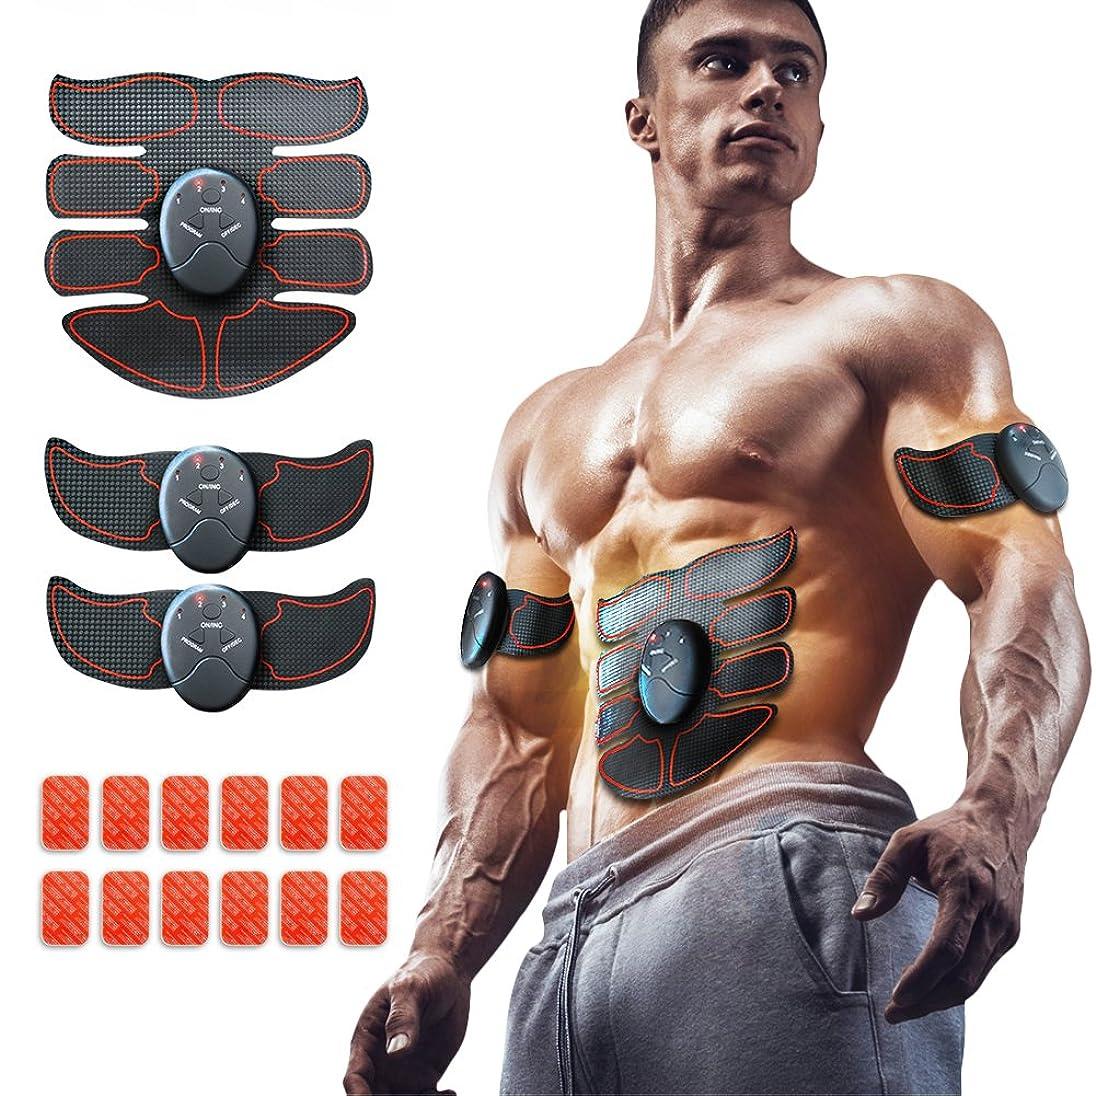 立証する柔らかさ辛いEMS 腹筋ベルト EMS 腹筋トレーニング 筋トレマシン ダイエット器具 腹筋 腕筋 筋トレ器具 トレーニングマシーン 6種類モード 10段階強度 日本語説明書付属